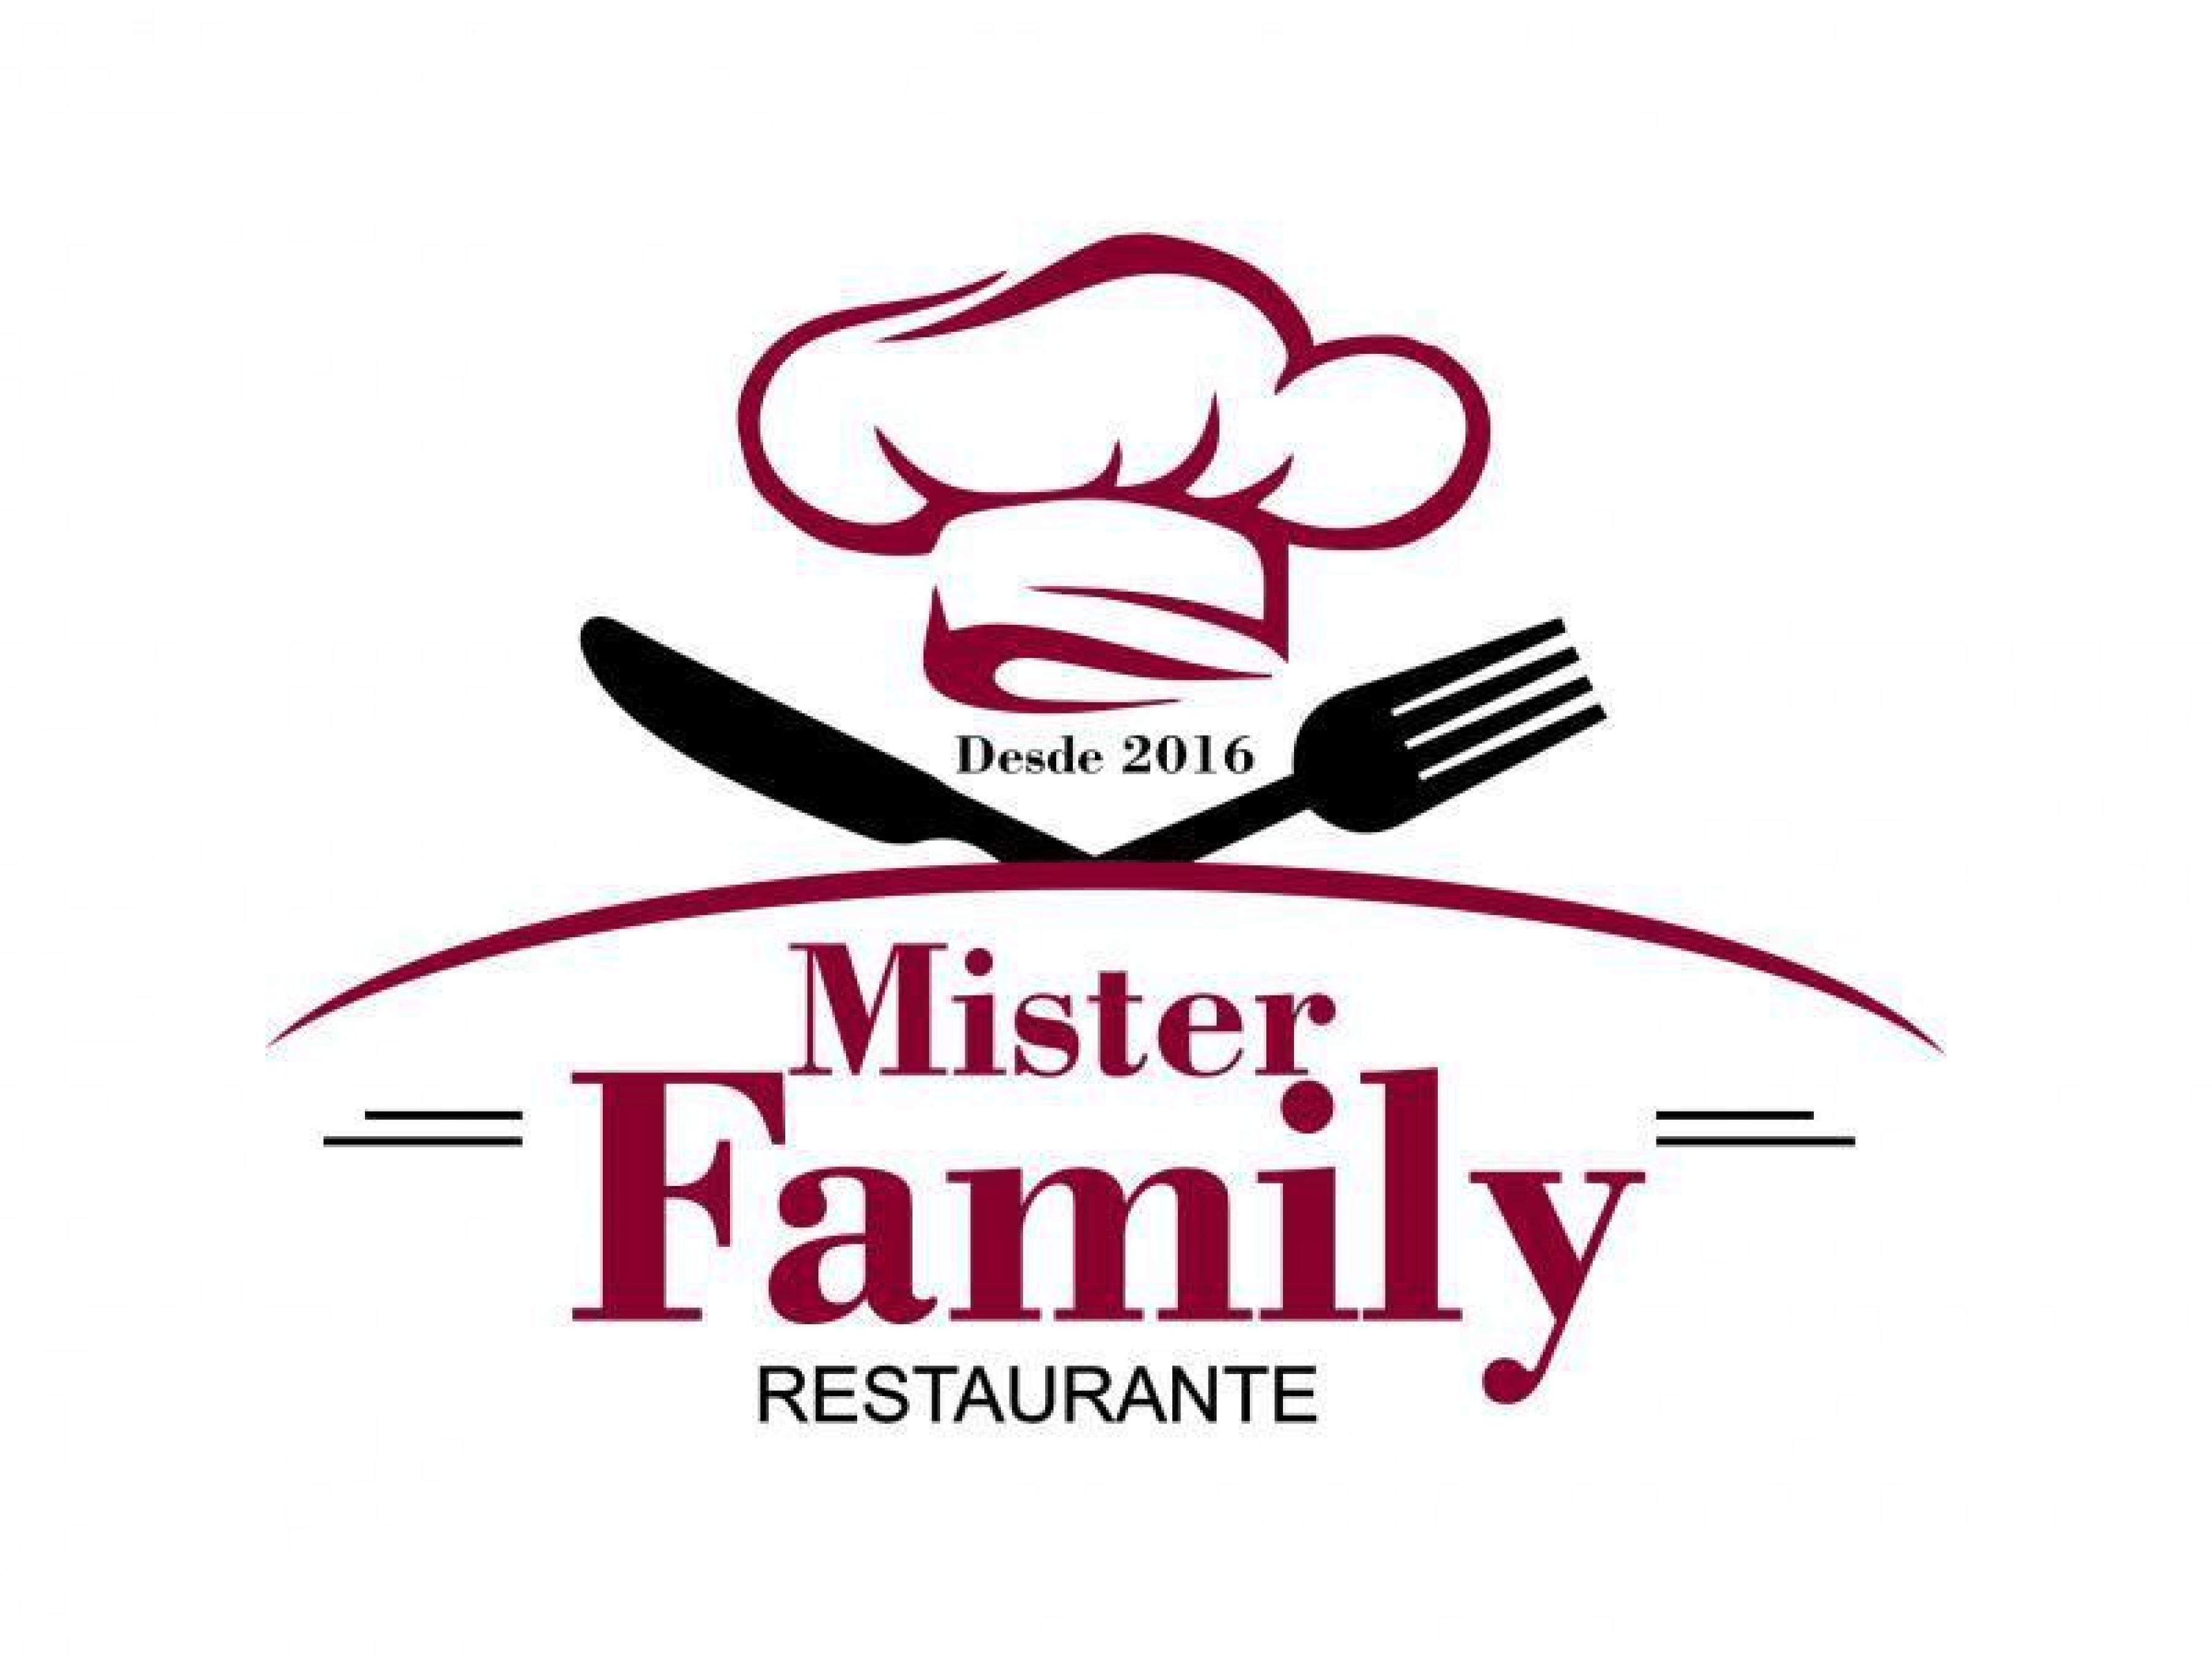 Mister Family